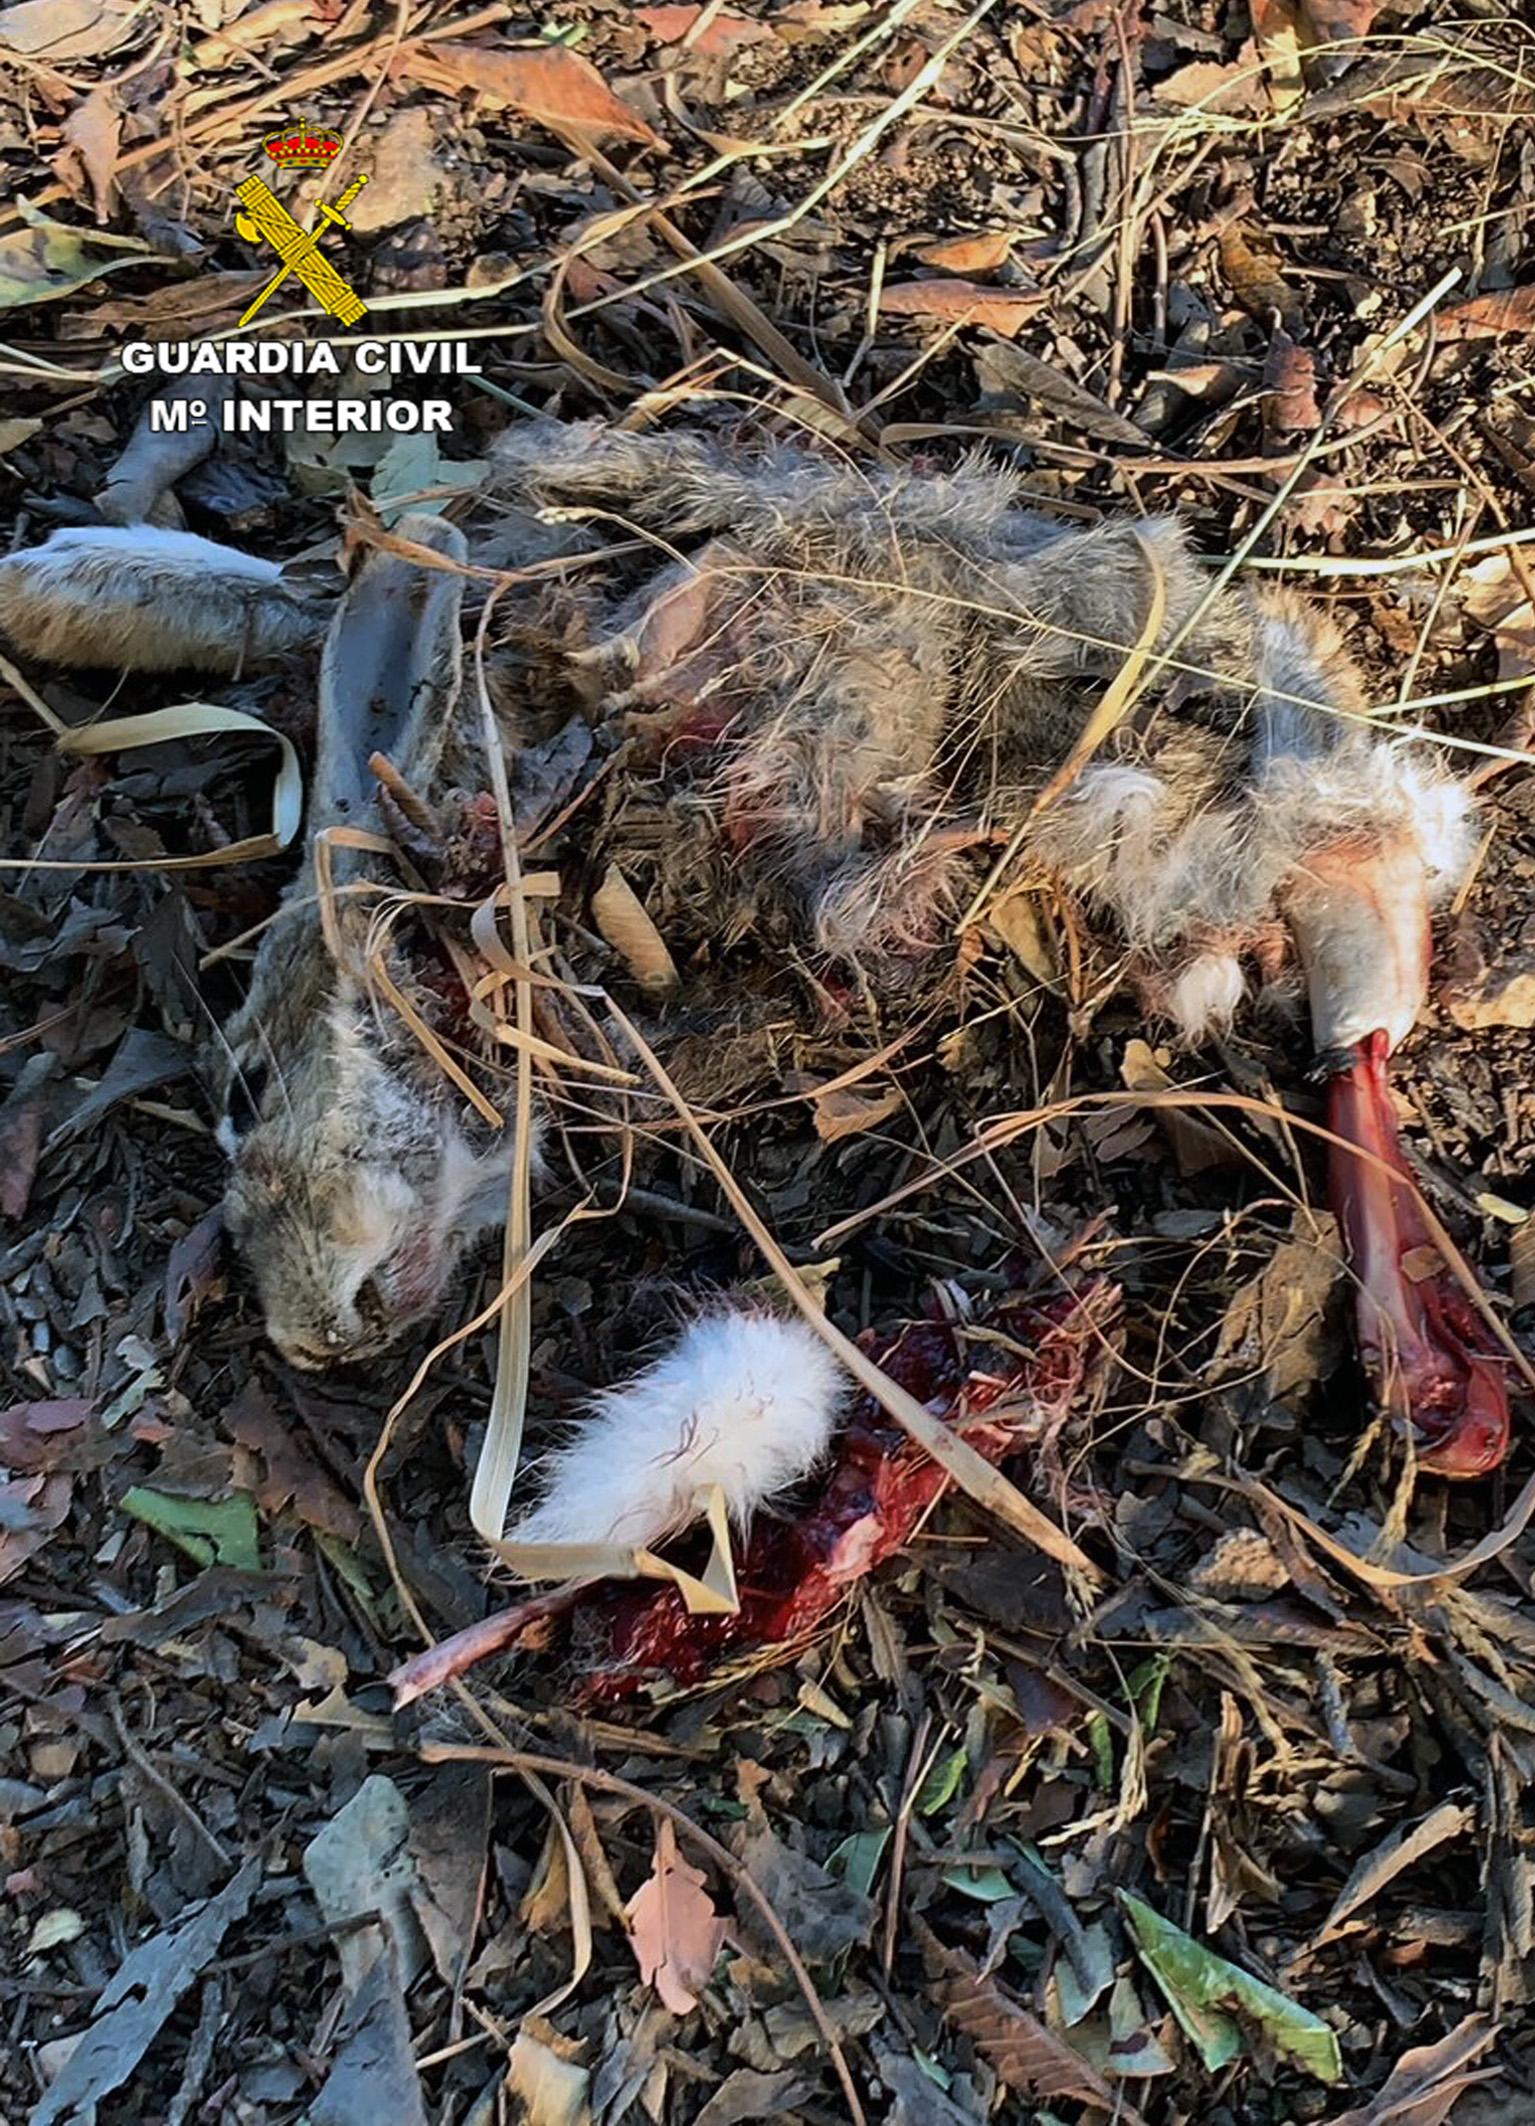 Un conejo afectado por el veneno. Imagen: Guardia Civil